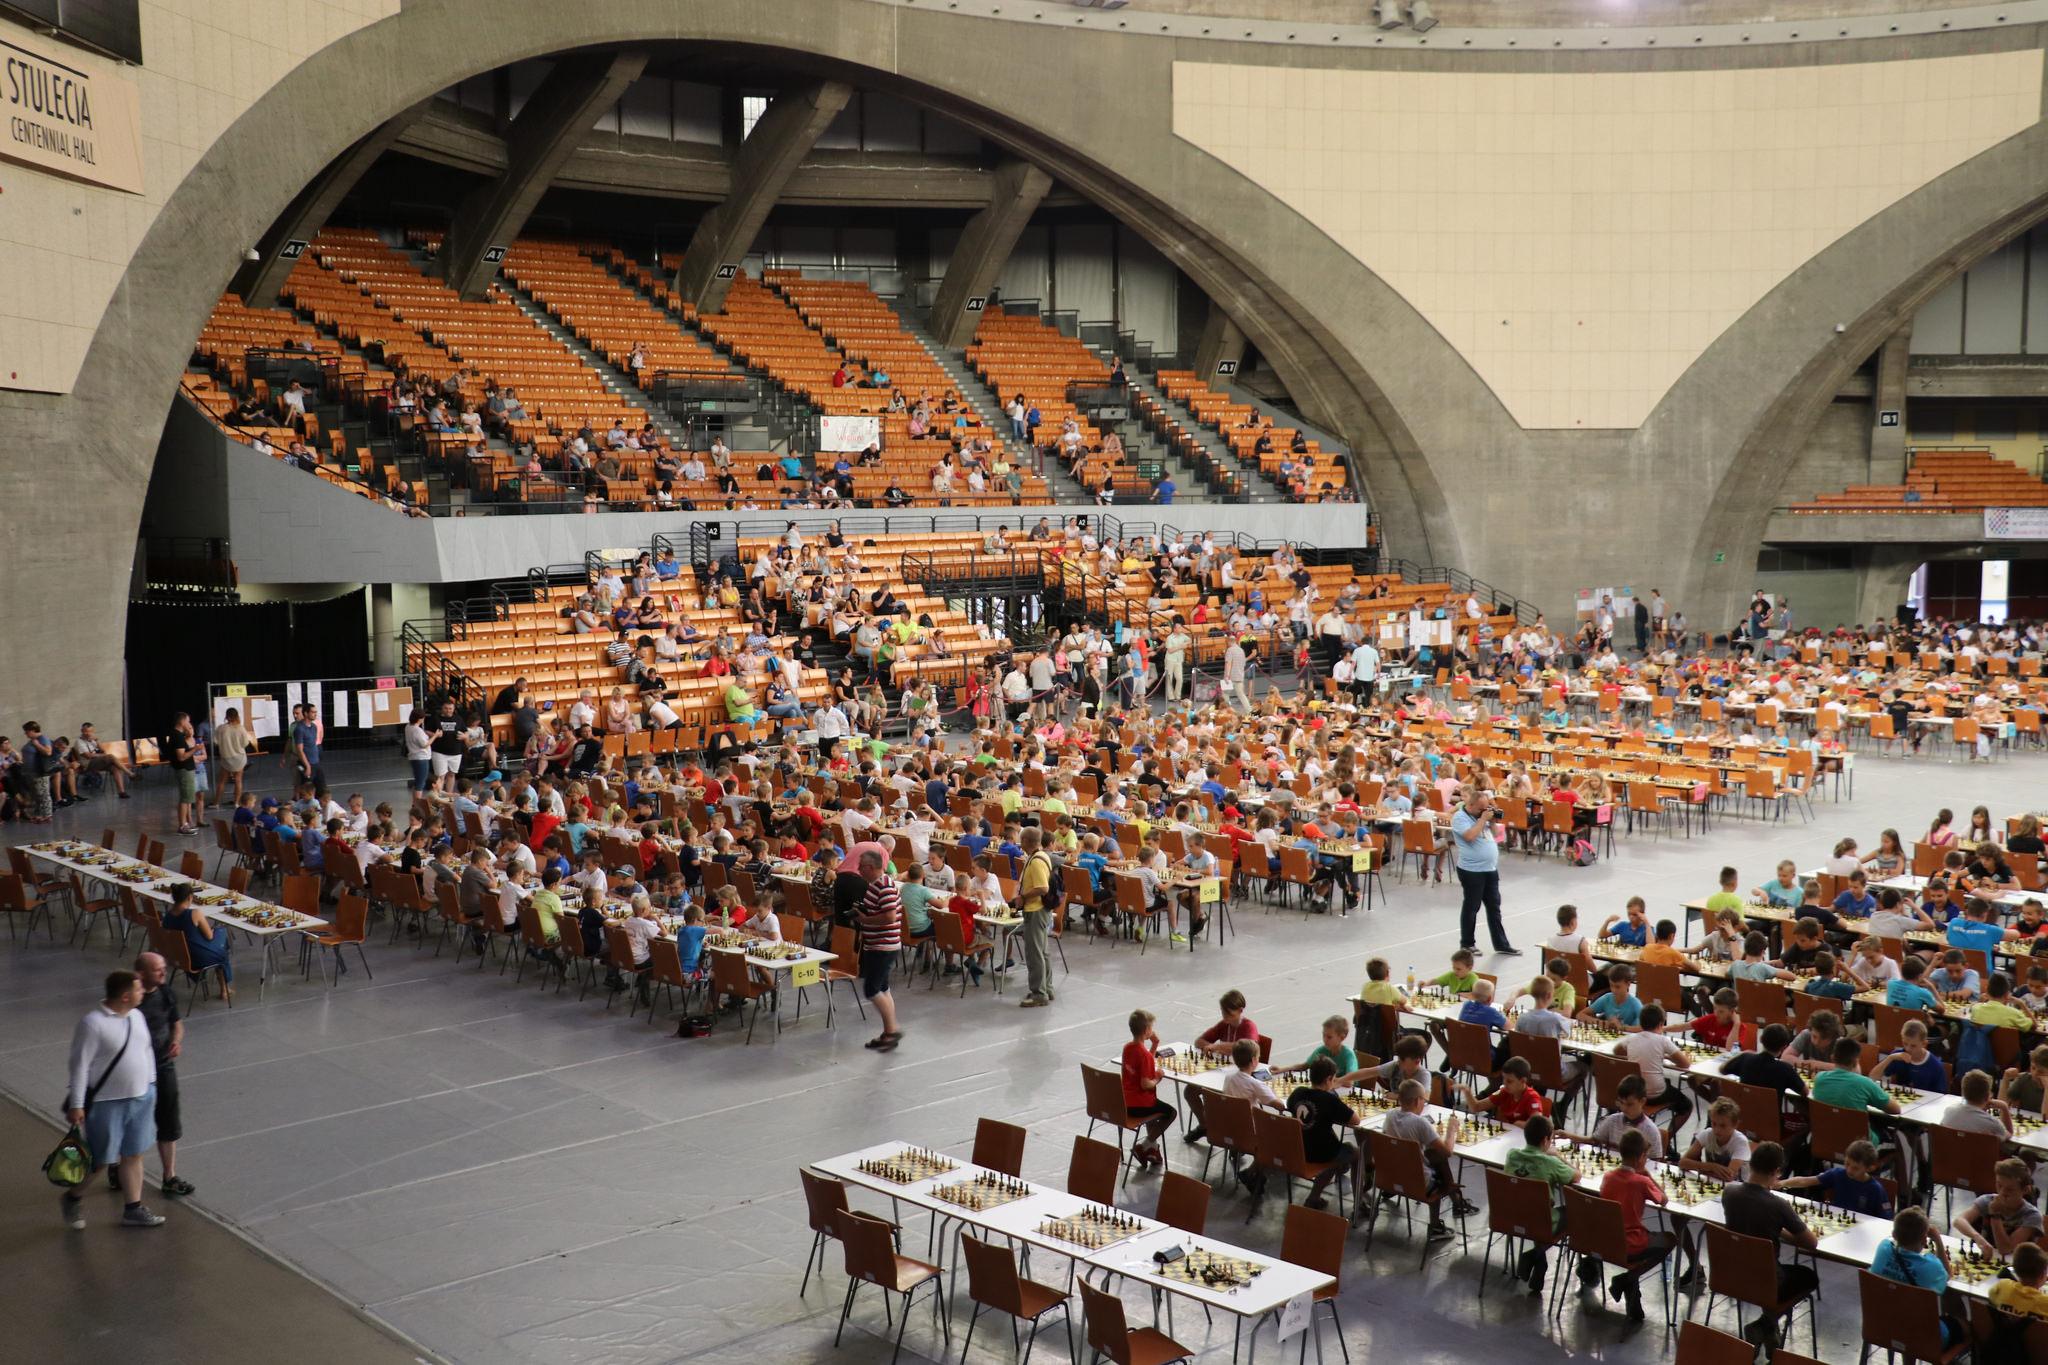 Mistrzostwa Polski Juniorów w Szachach Szybkich i Błyskawicznych, Wrocław, 06-09.08.2017